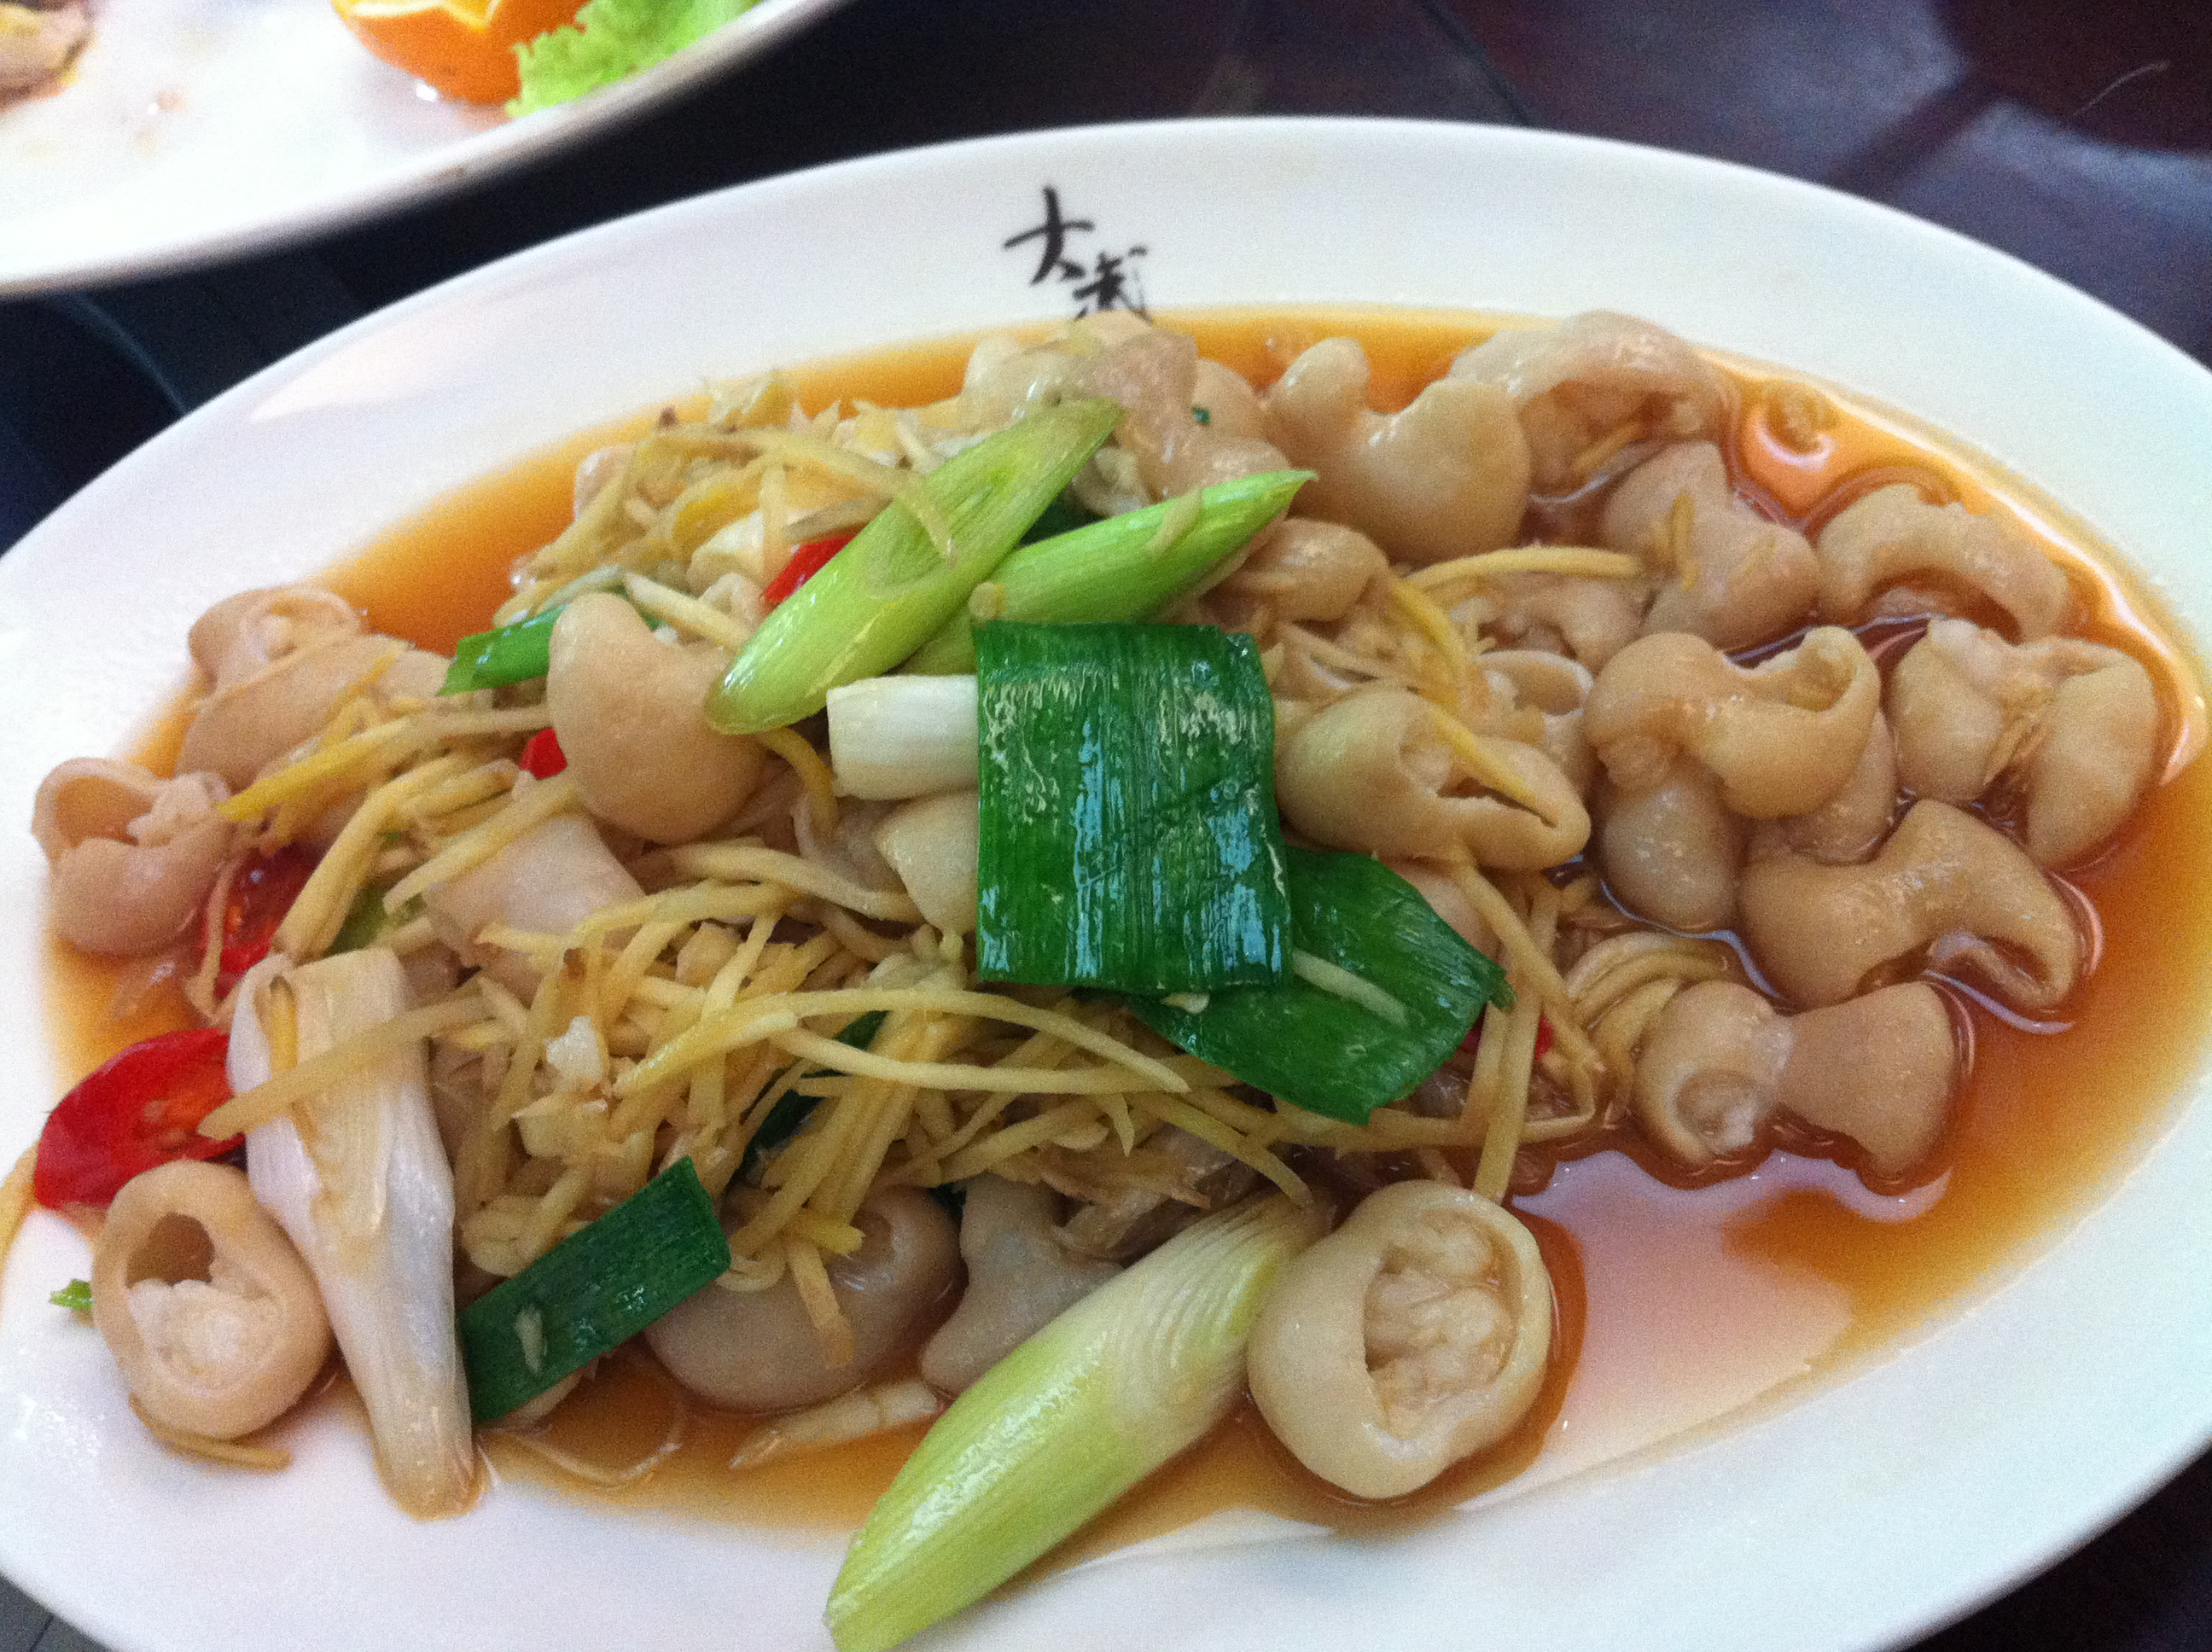 台湾客家菜经典,姜丝炒大肠